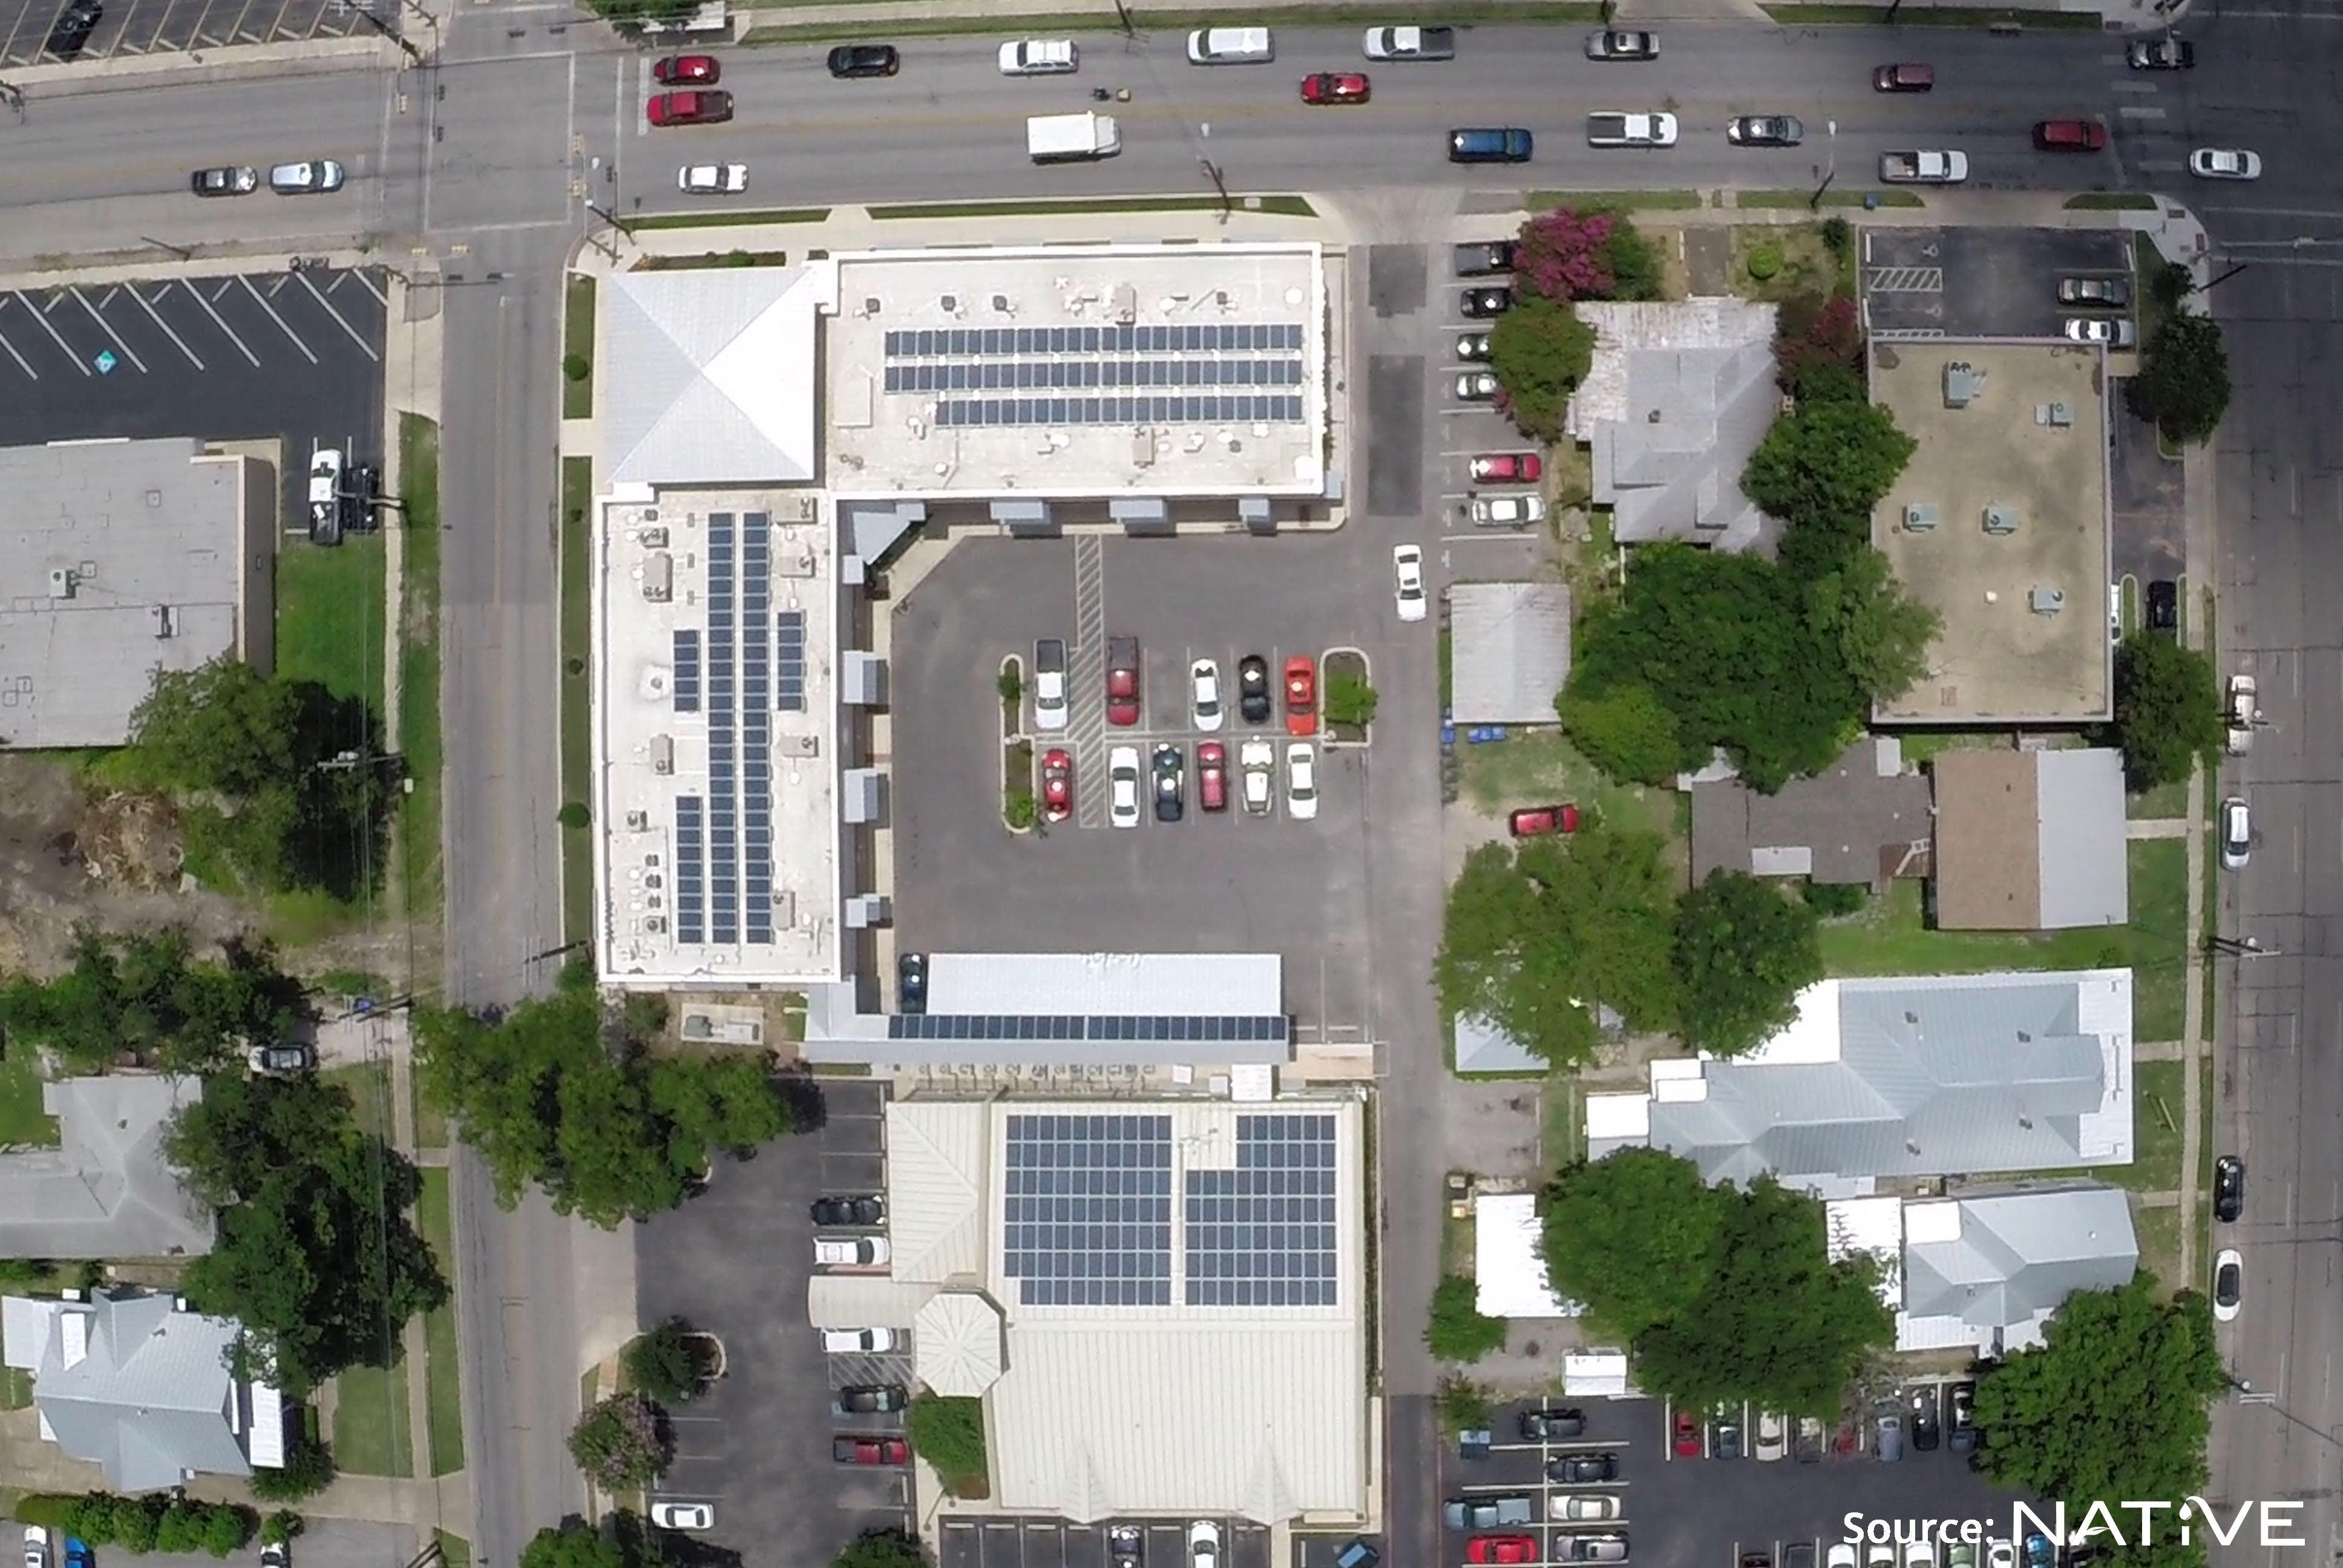 Commercial Solar Panel Installation